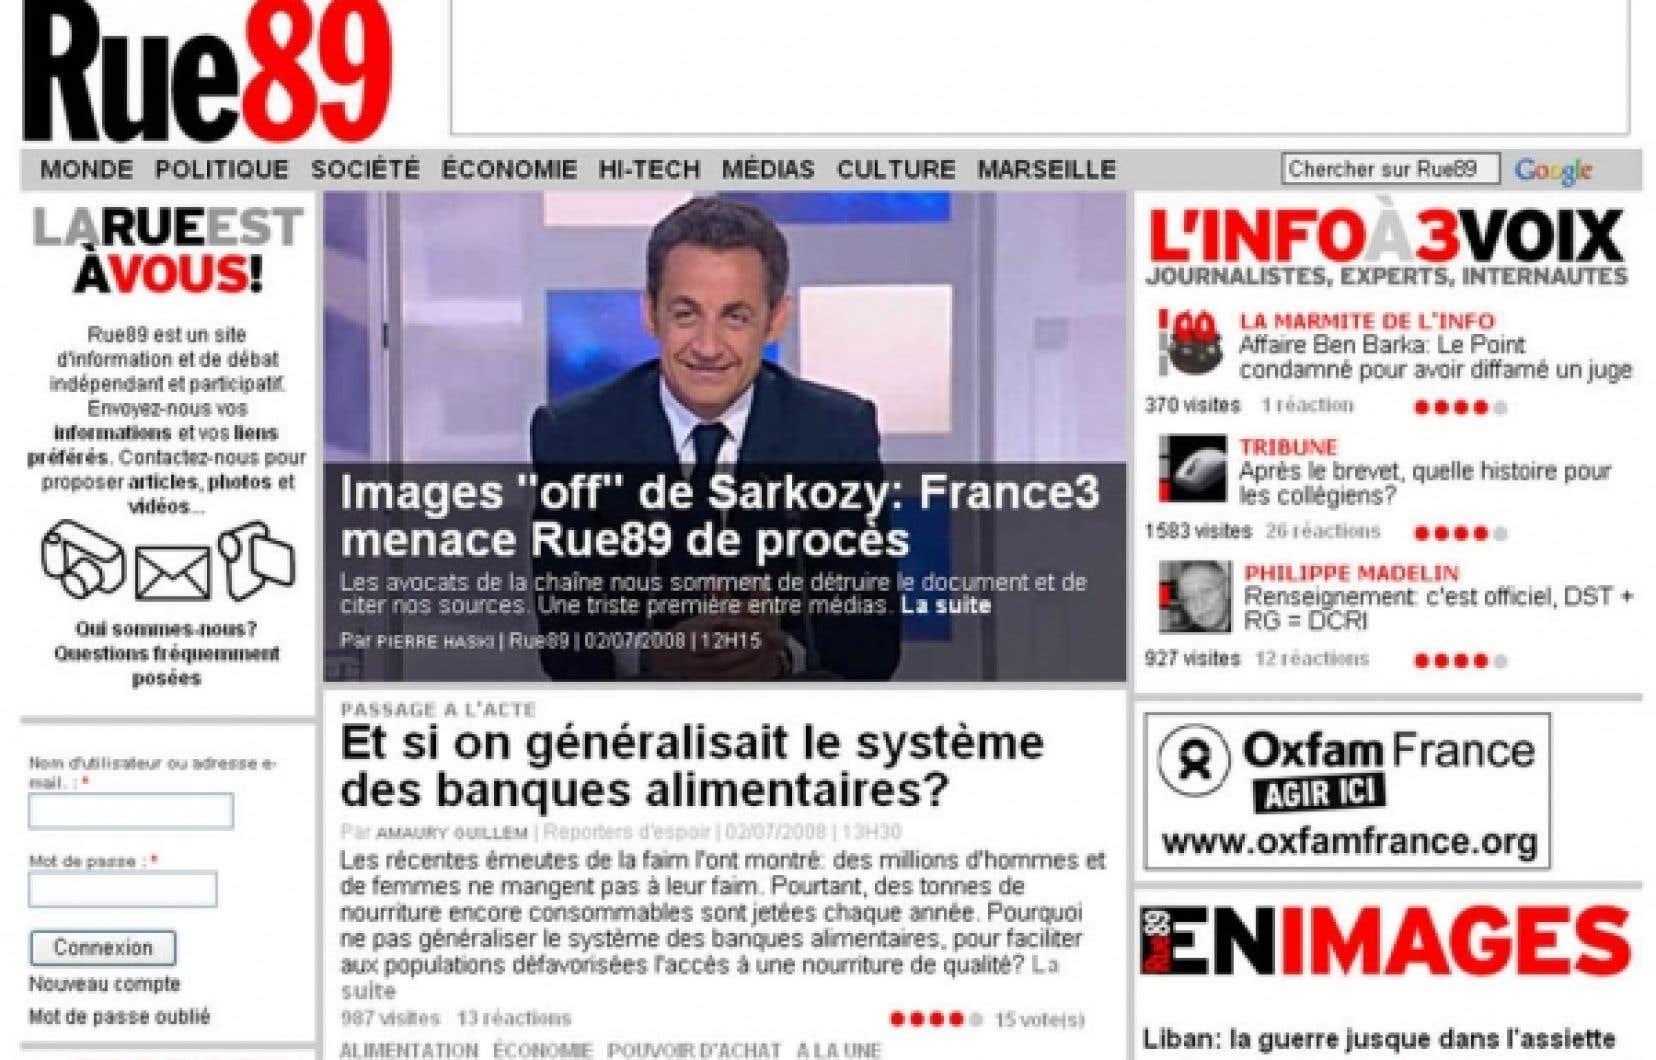 Rue89 s'est attiré un procès en 2008 en proposant l'accès en ligne à une vidéo de Nicolas Sarkozy s'exprimant sur le plateau de France 3 avant son interview en direct.